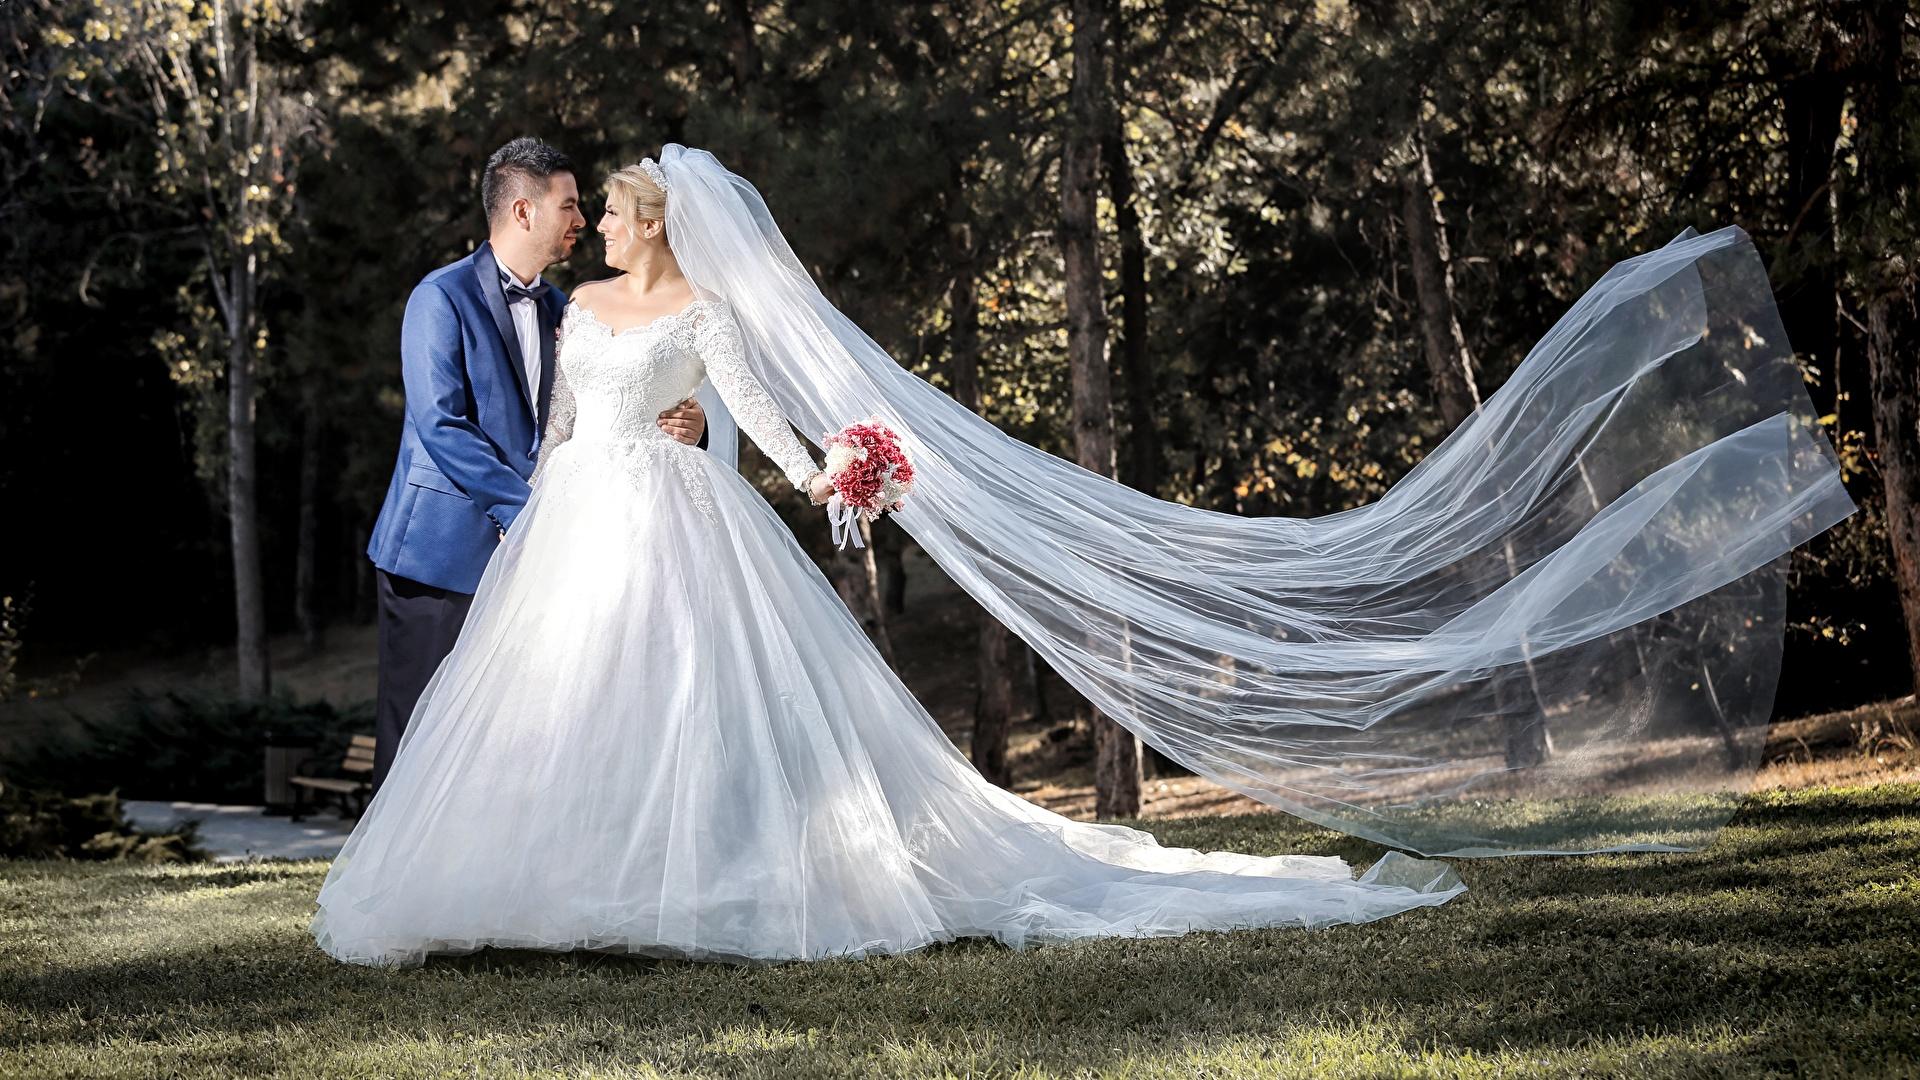 1920x1080 Couples dans l'amour Homme Mariage Marié homme Jeune mariée Les robes Filles